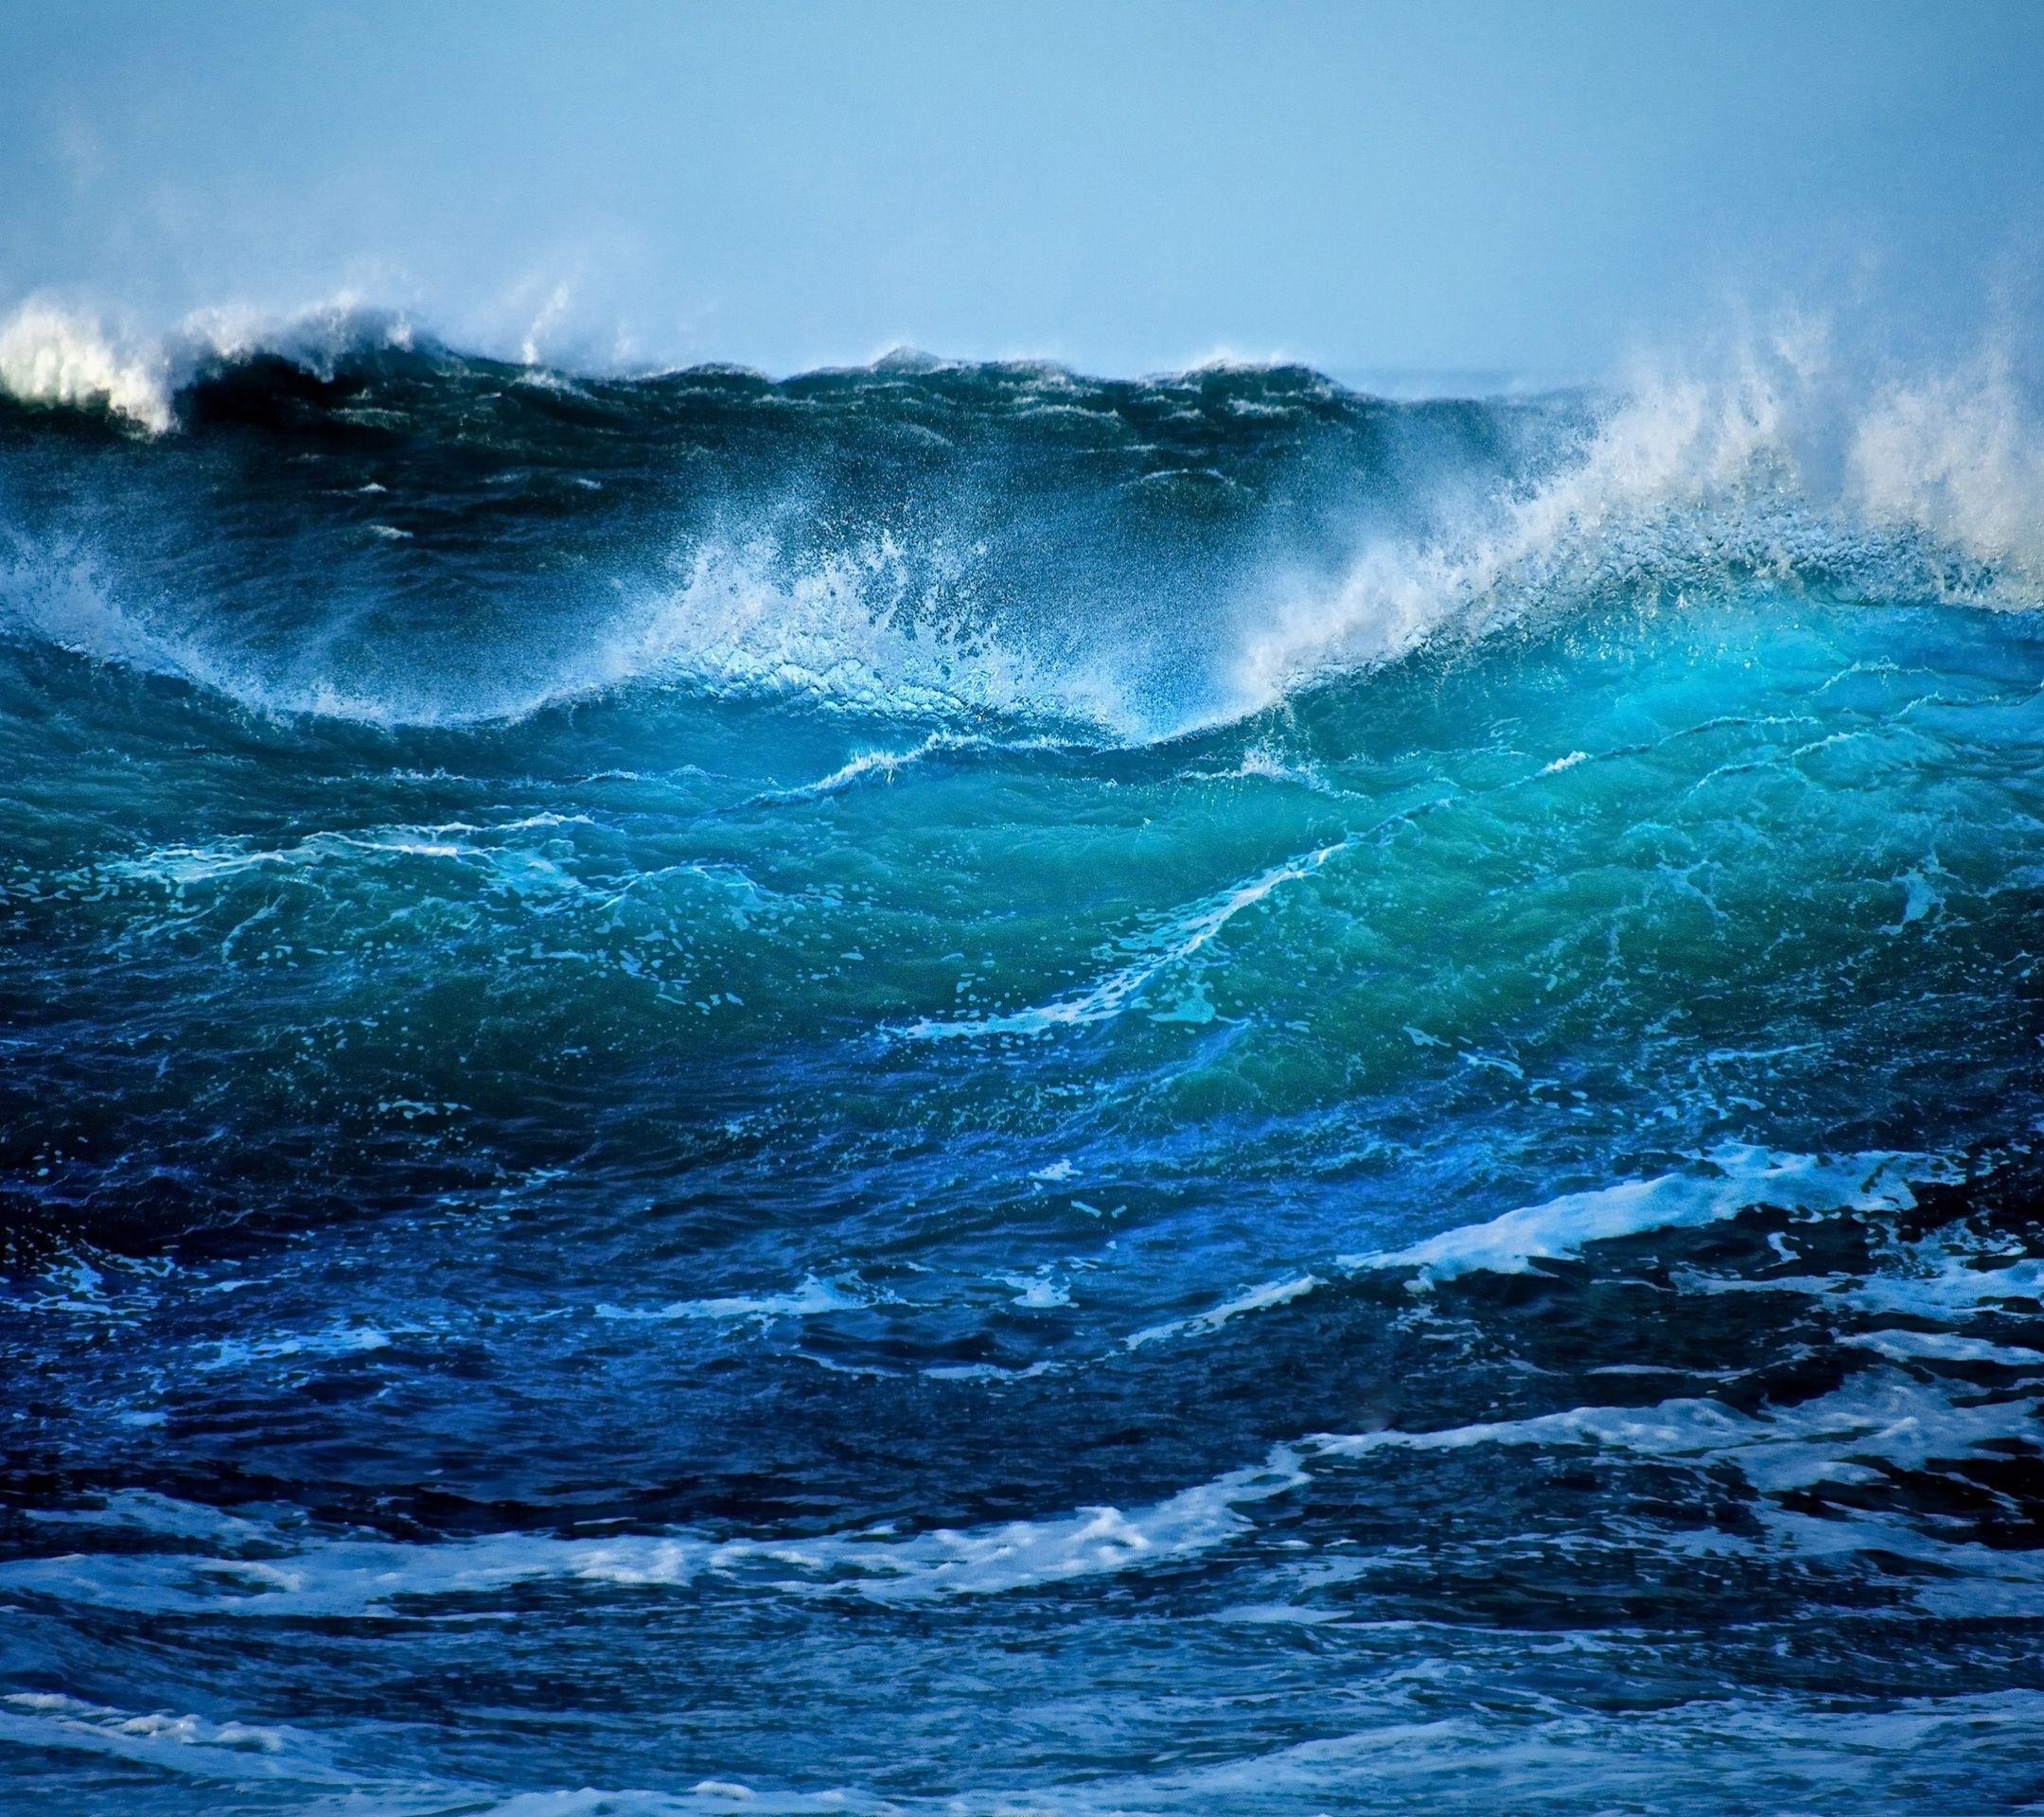 resultado de imagem para wave wallpaper hd   awesome waves